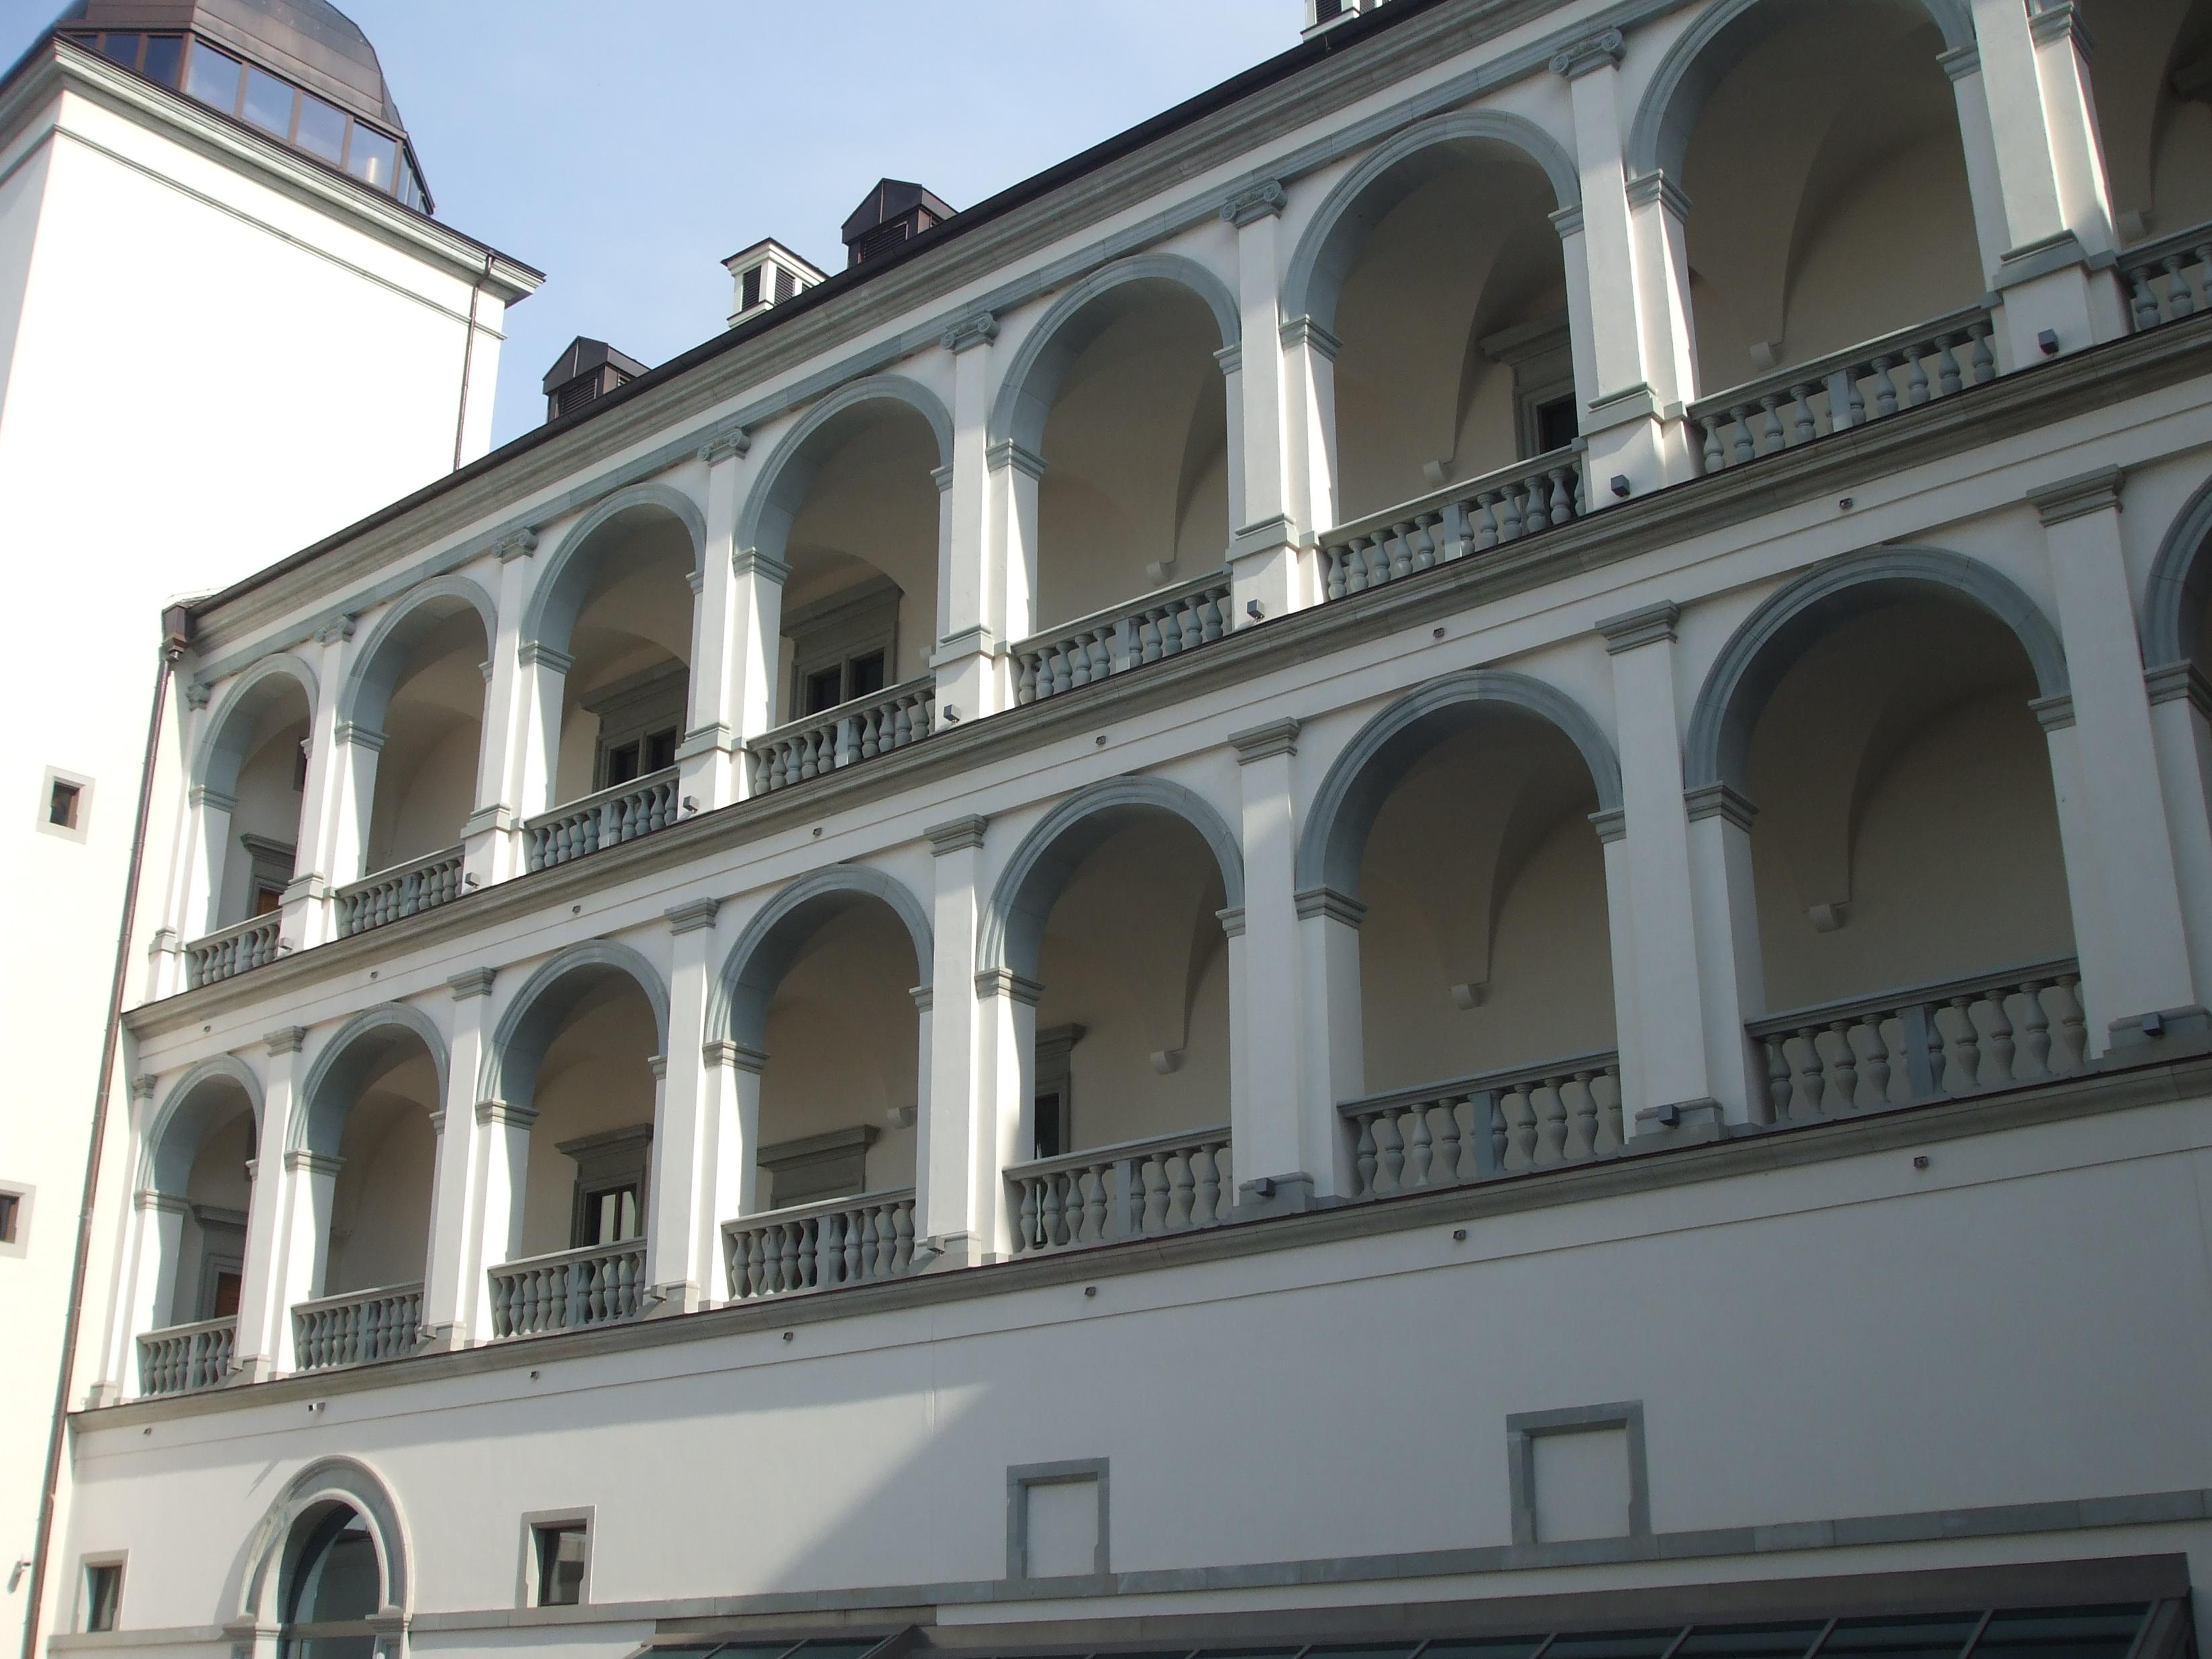 Аркада виленского Дворца Правителей. Подобную имела Баториевка. фото Zygimantus.JPG